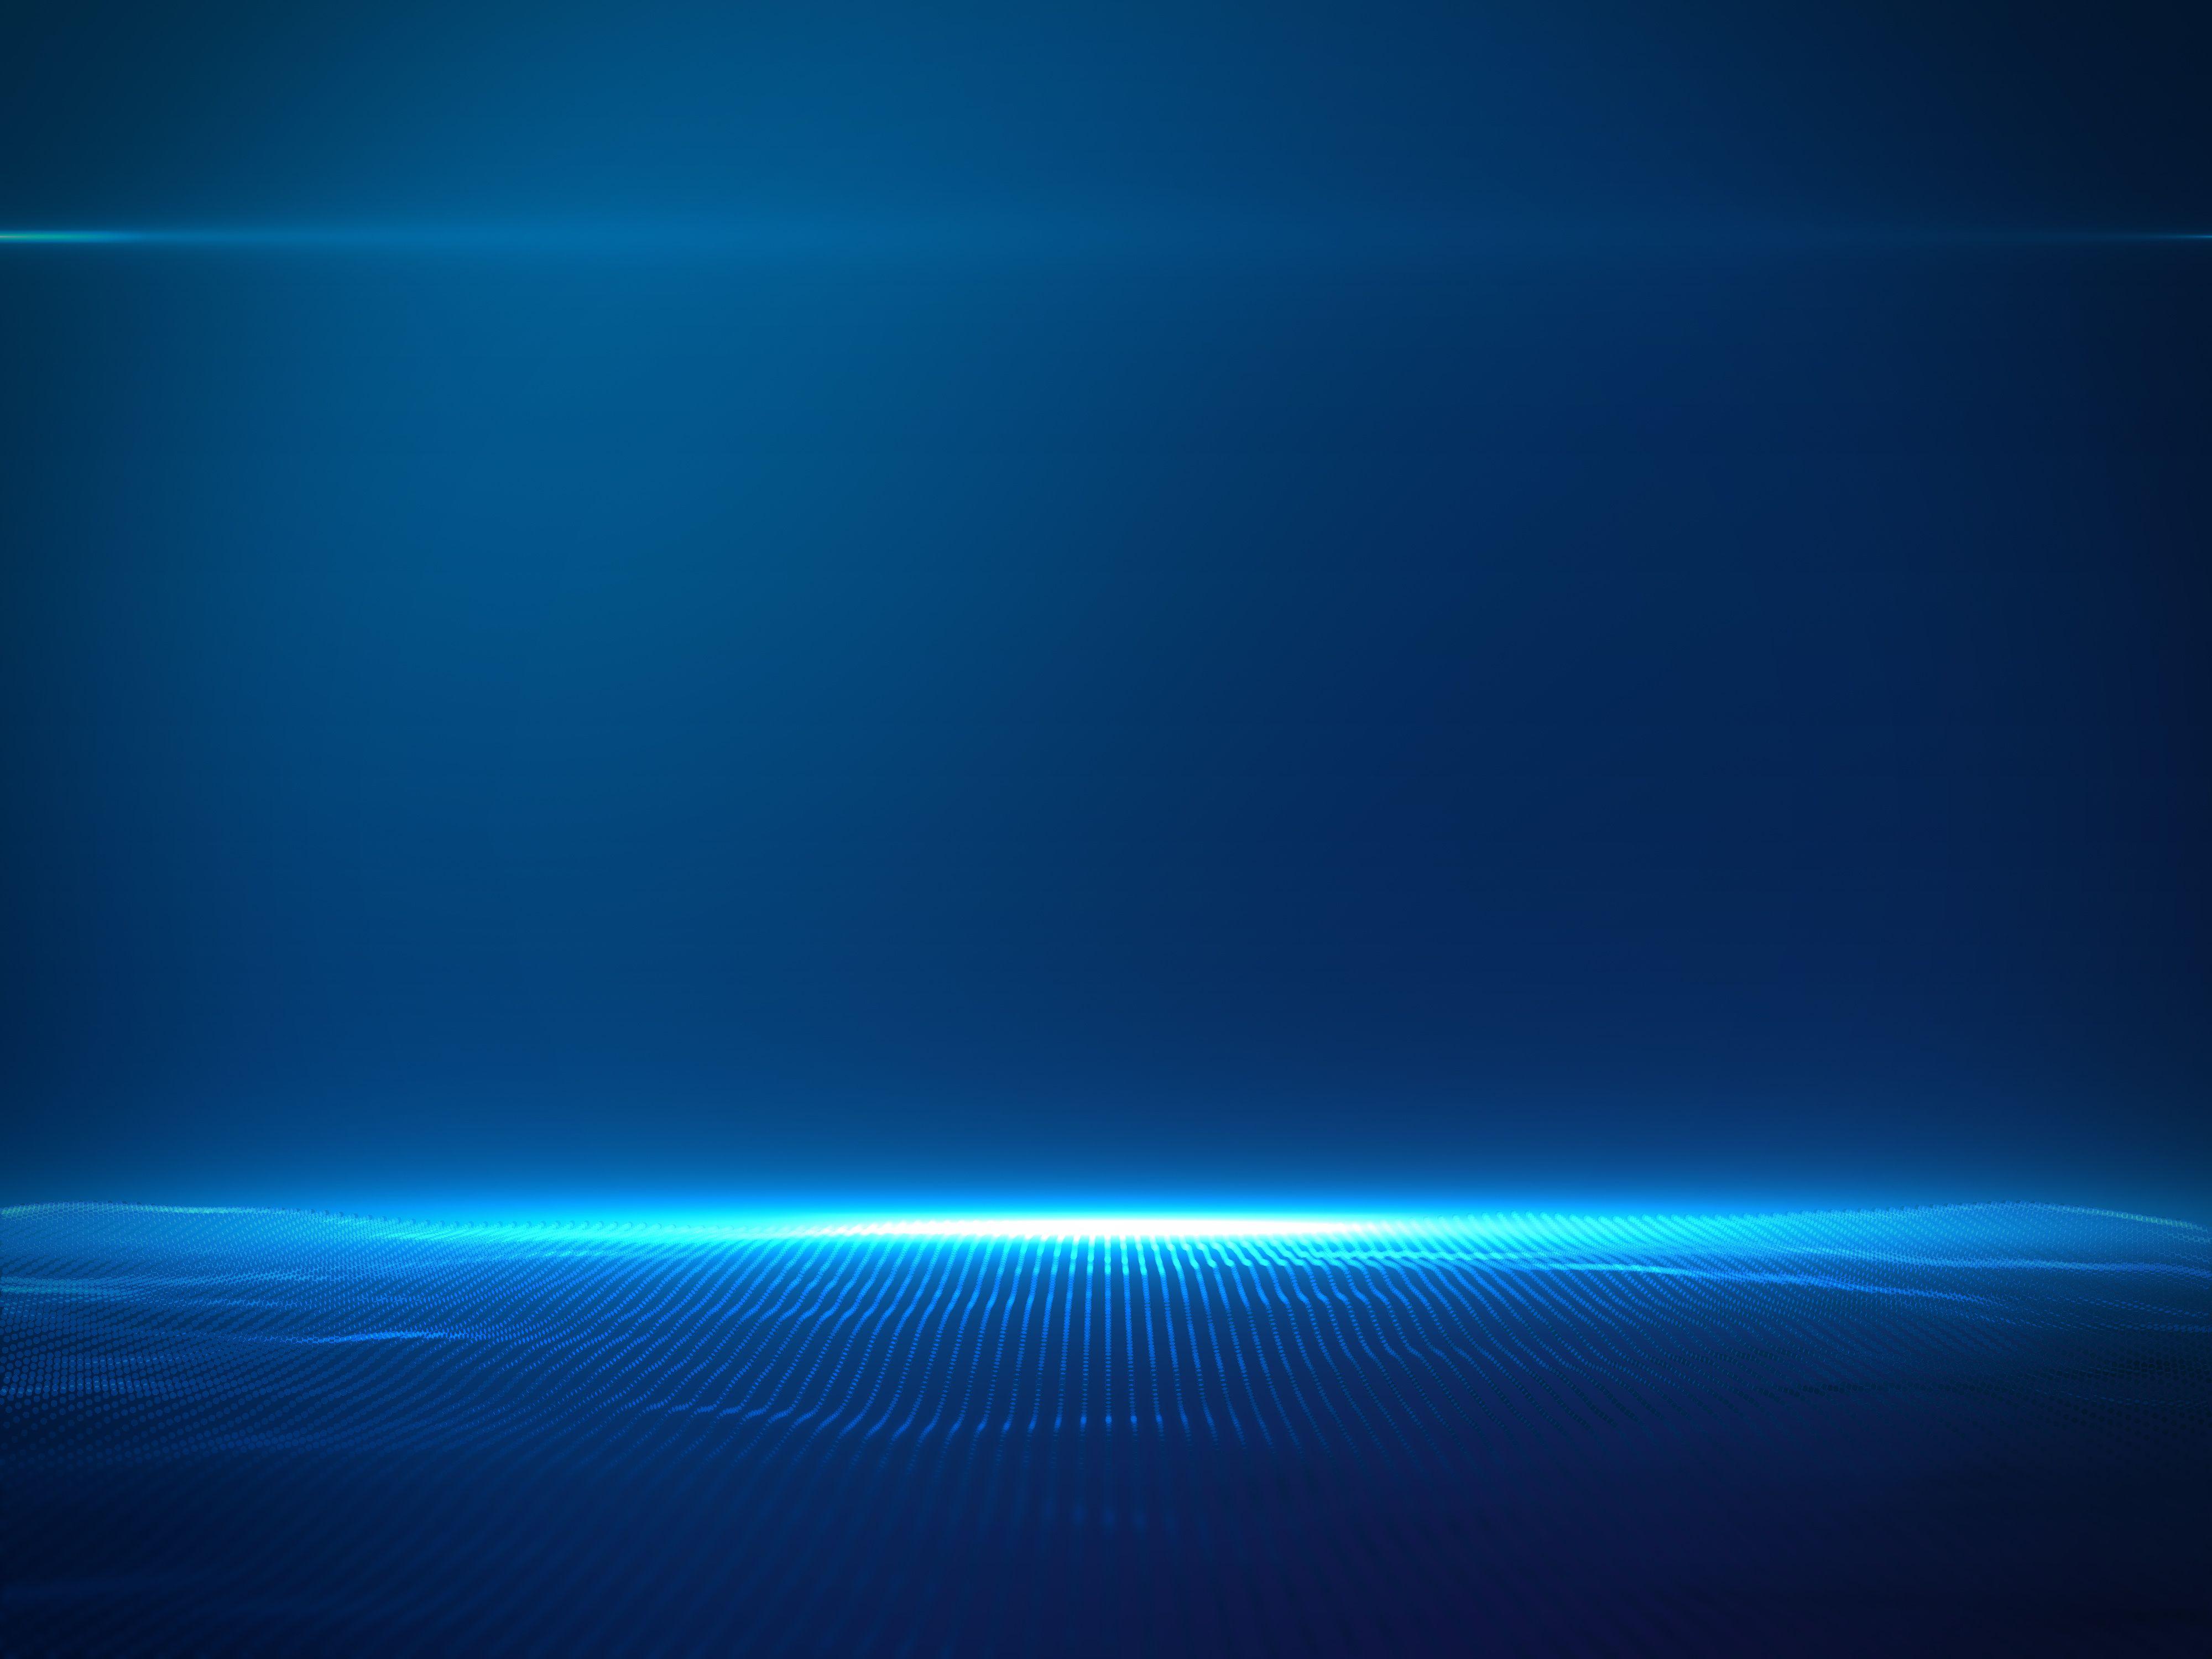 4k Wallpaper Blue Hd Art Wallpaper In 2020 Luxury Background Background Design Background Images Wallpapers